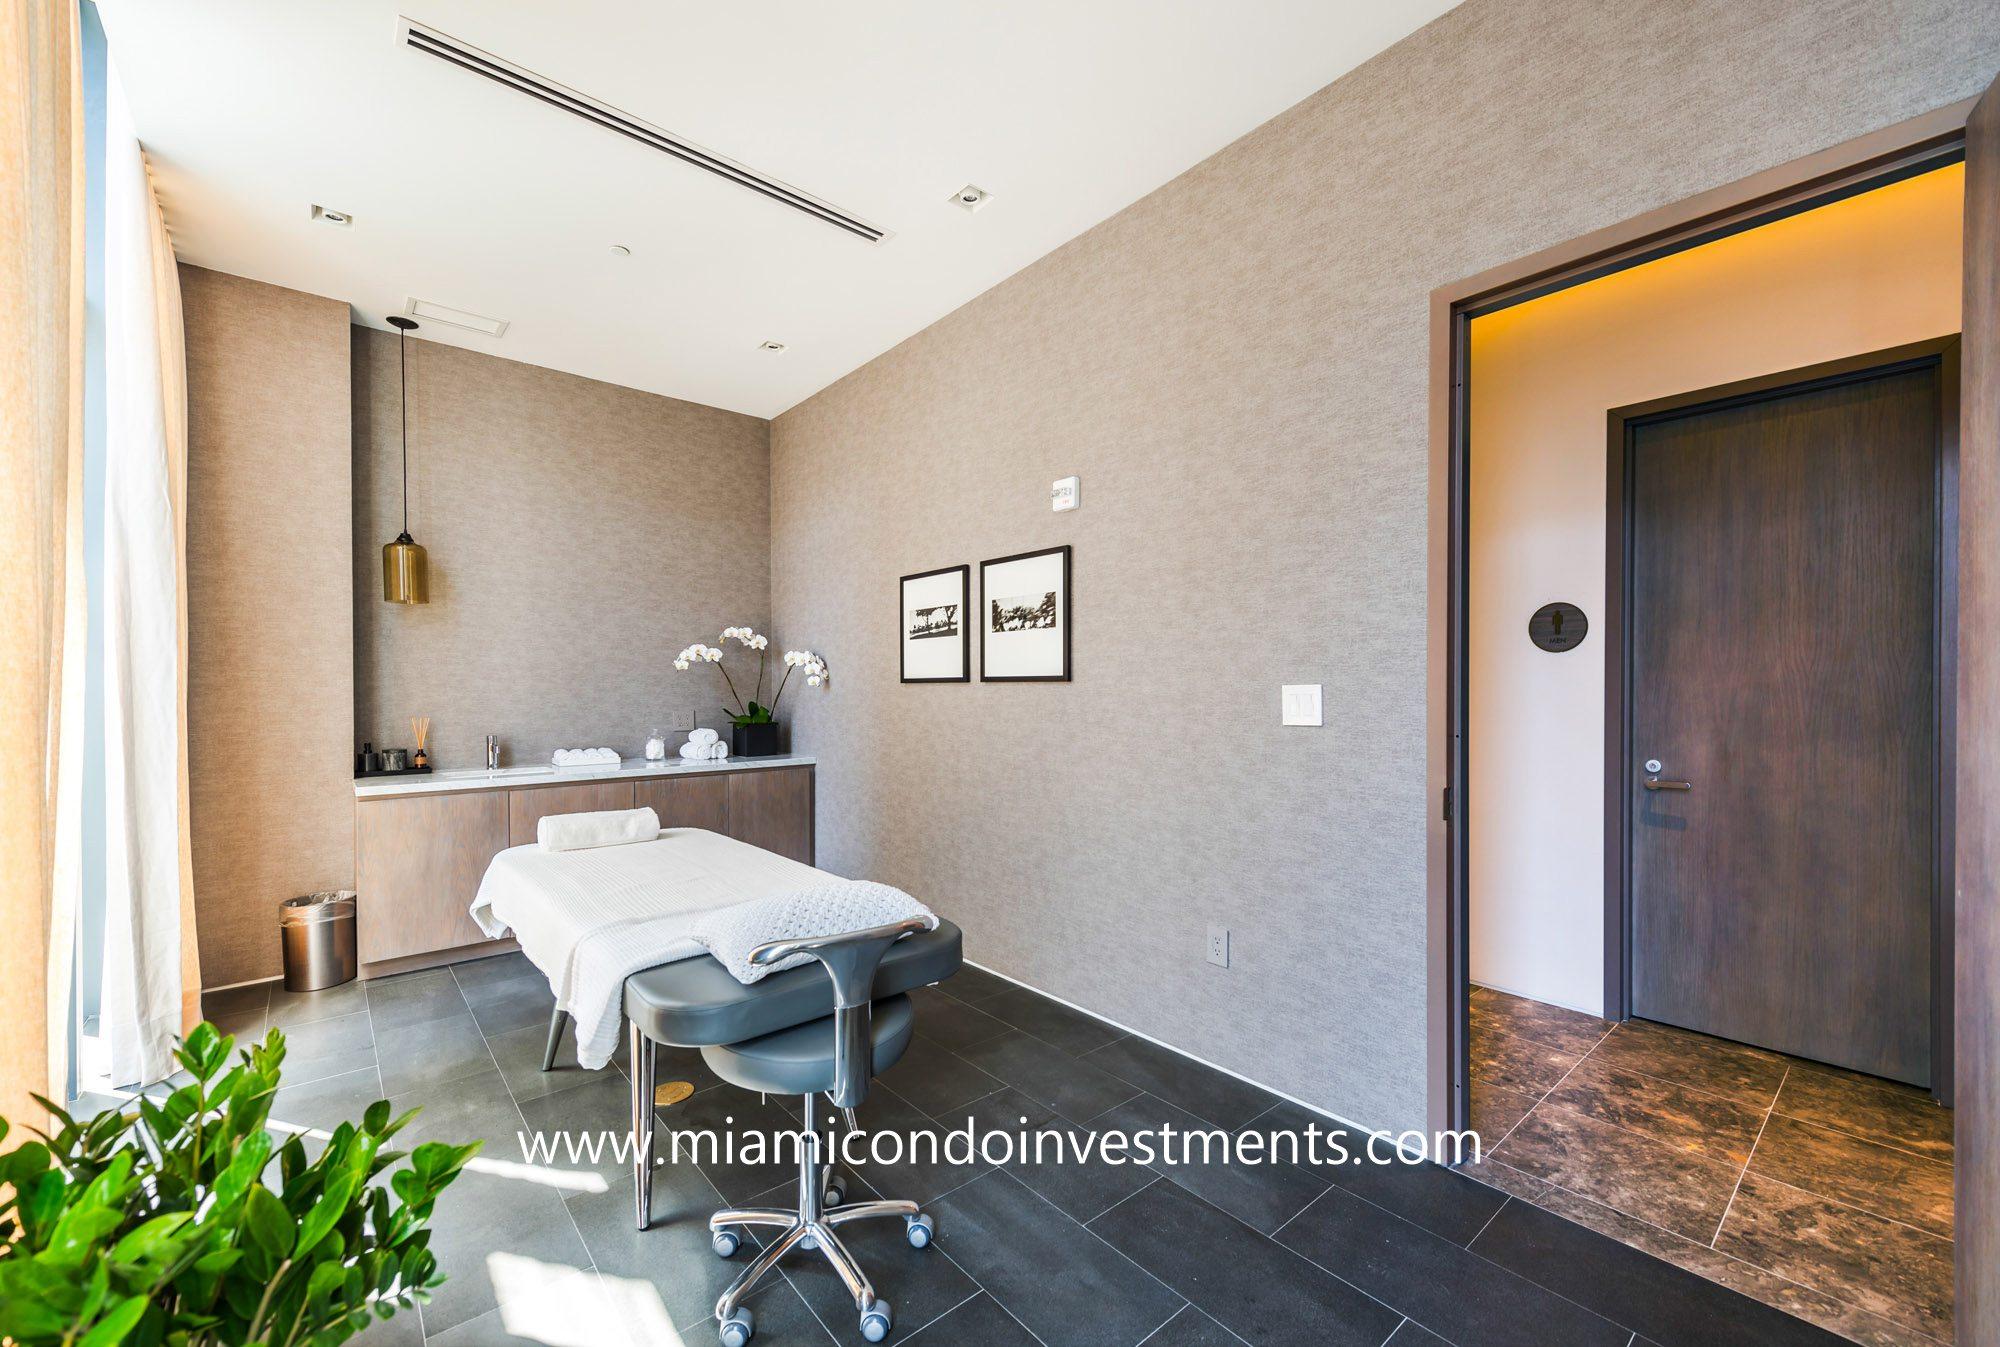 Paraiso Bay spa treatment room